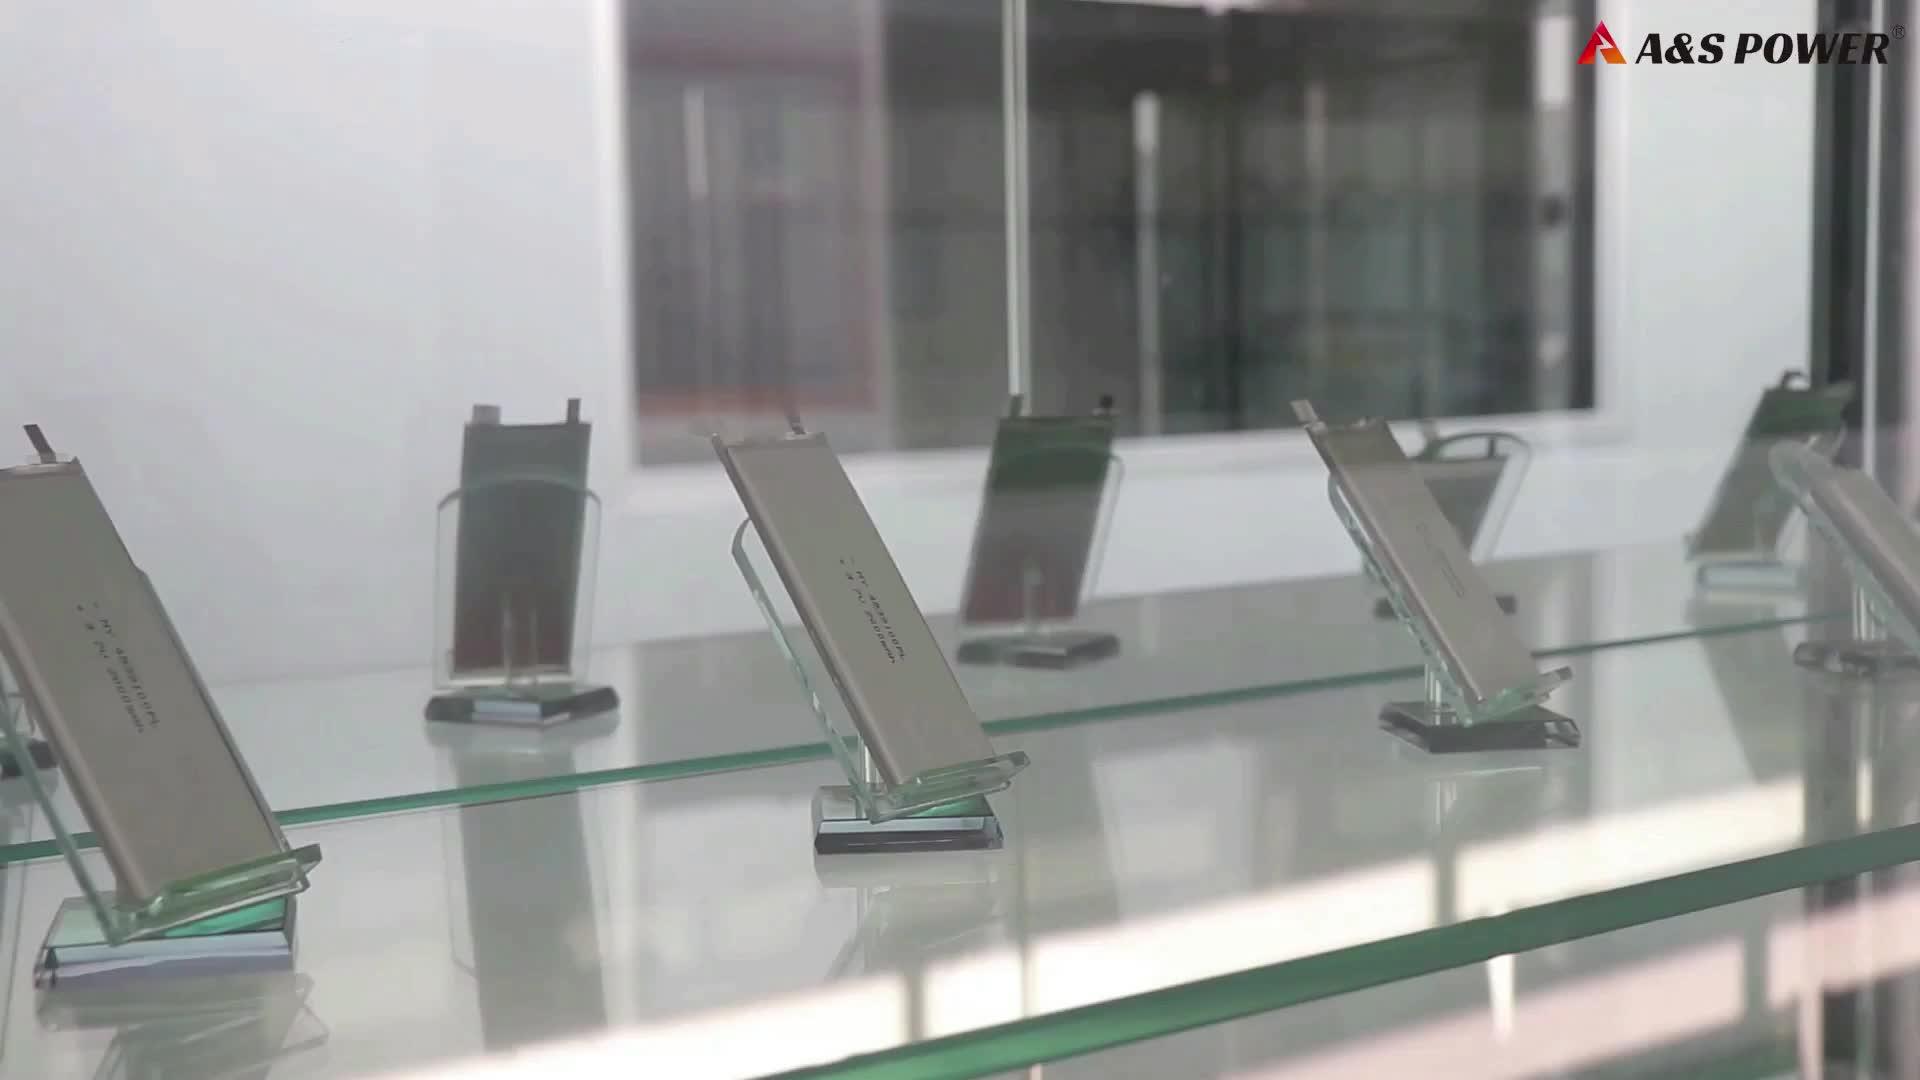 UL2054 553640 ricaricabile ai polimeri di litio Lipo 3.7V 850mAh batteria ai polimeri di li-ion per il tracciamento GPS